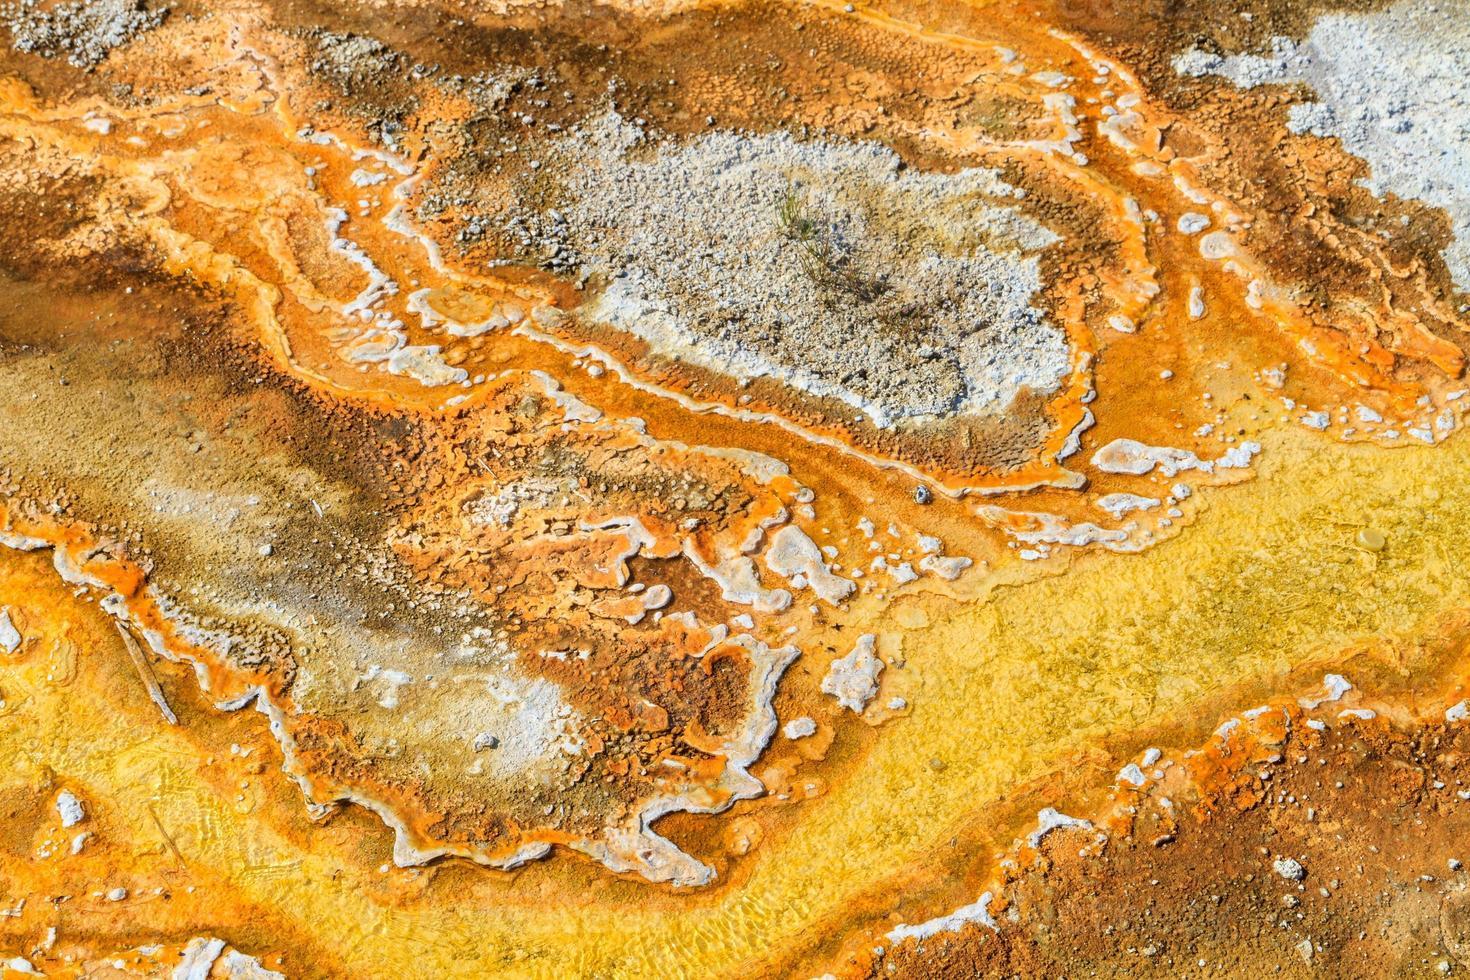 tapetes microbianos em piscinas geotérmicas, parque nacional de yellowstone foto